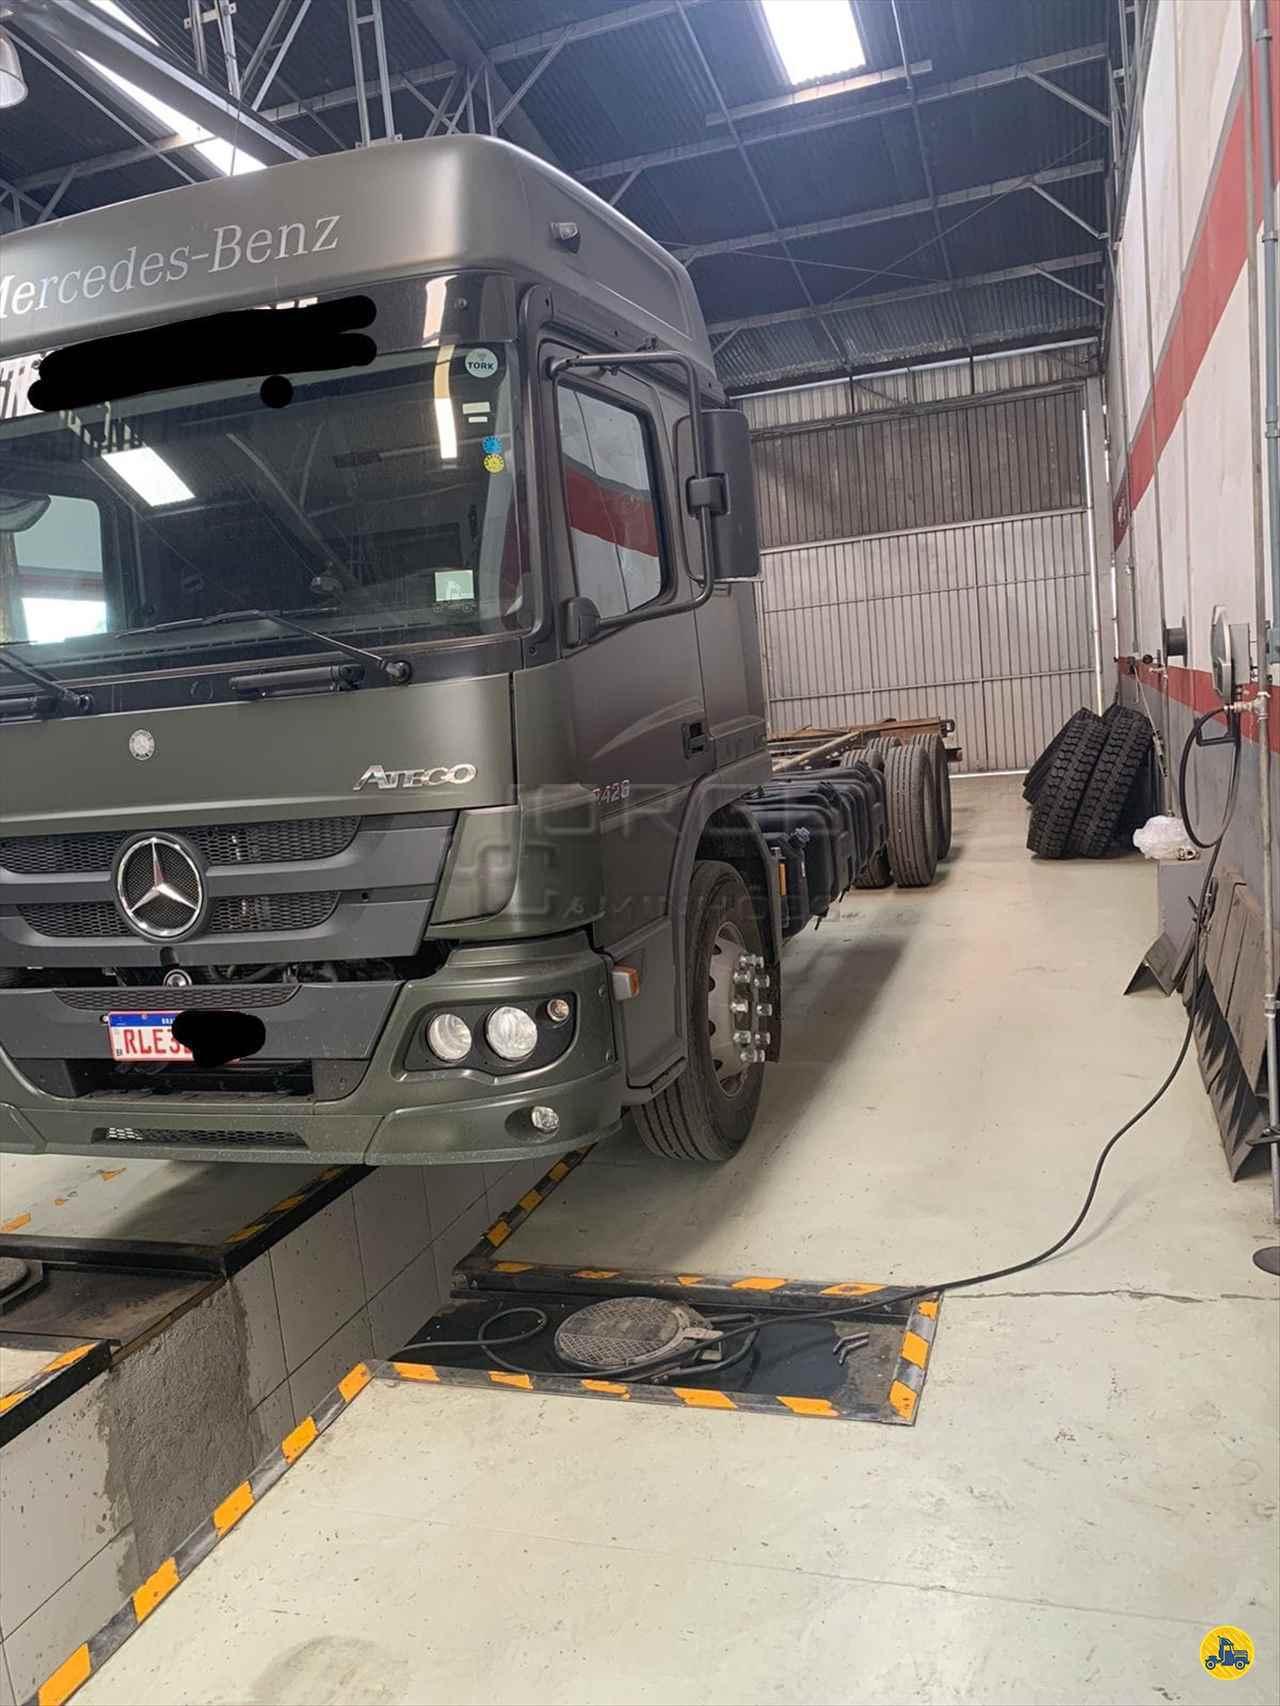 CAMINHAO MERCEDES-BENZ MB 2426 Chassis Truck 6x2 Jorge Caminhões CURITIBA PARANÁ PR